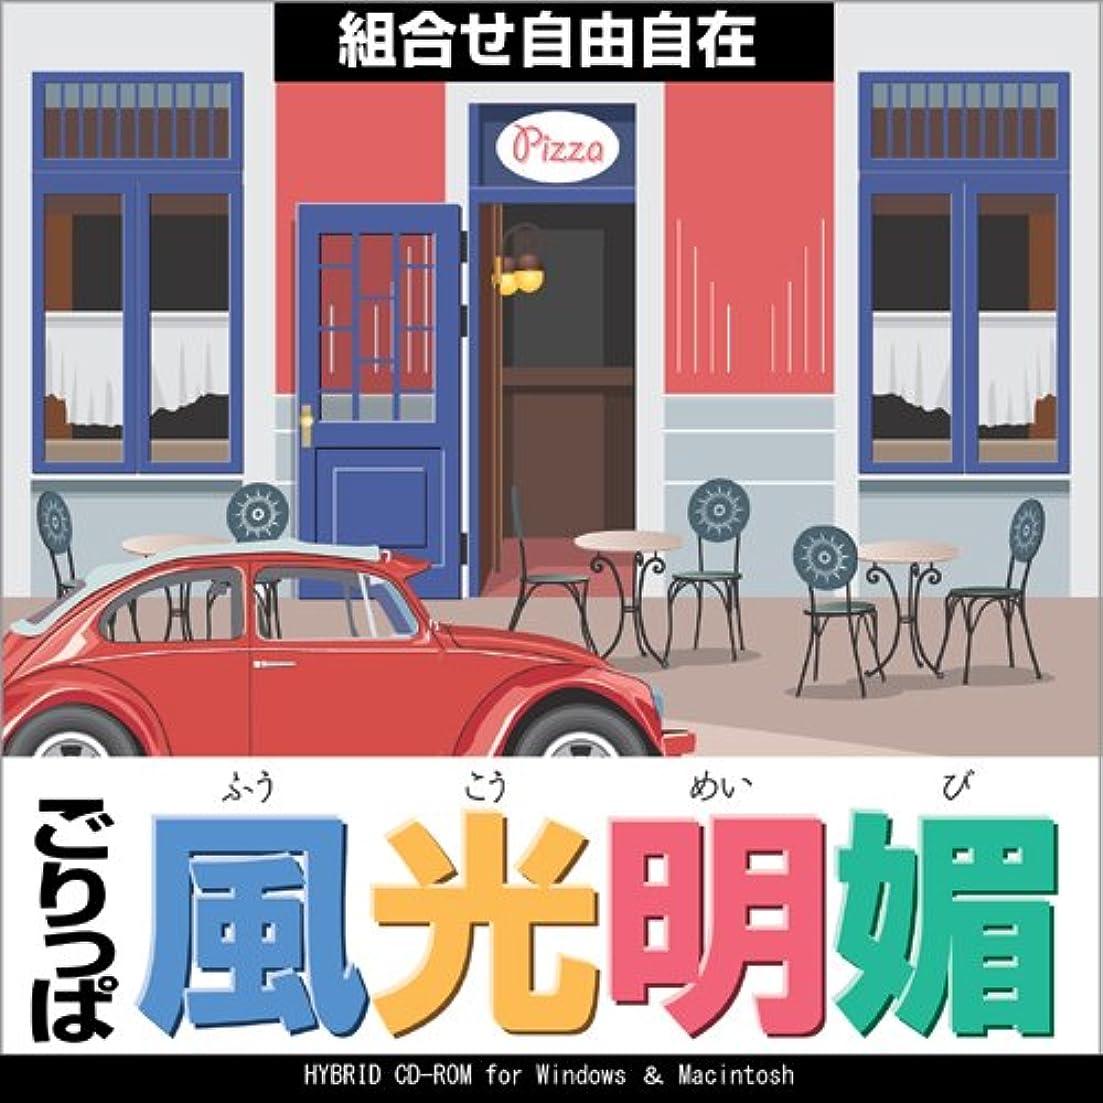 キャベツ安全でない弁護ごりっぱシリーズ Vol.17「風光明媚」